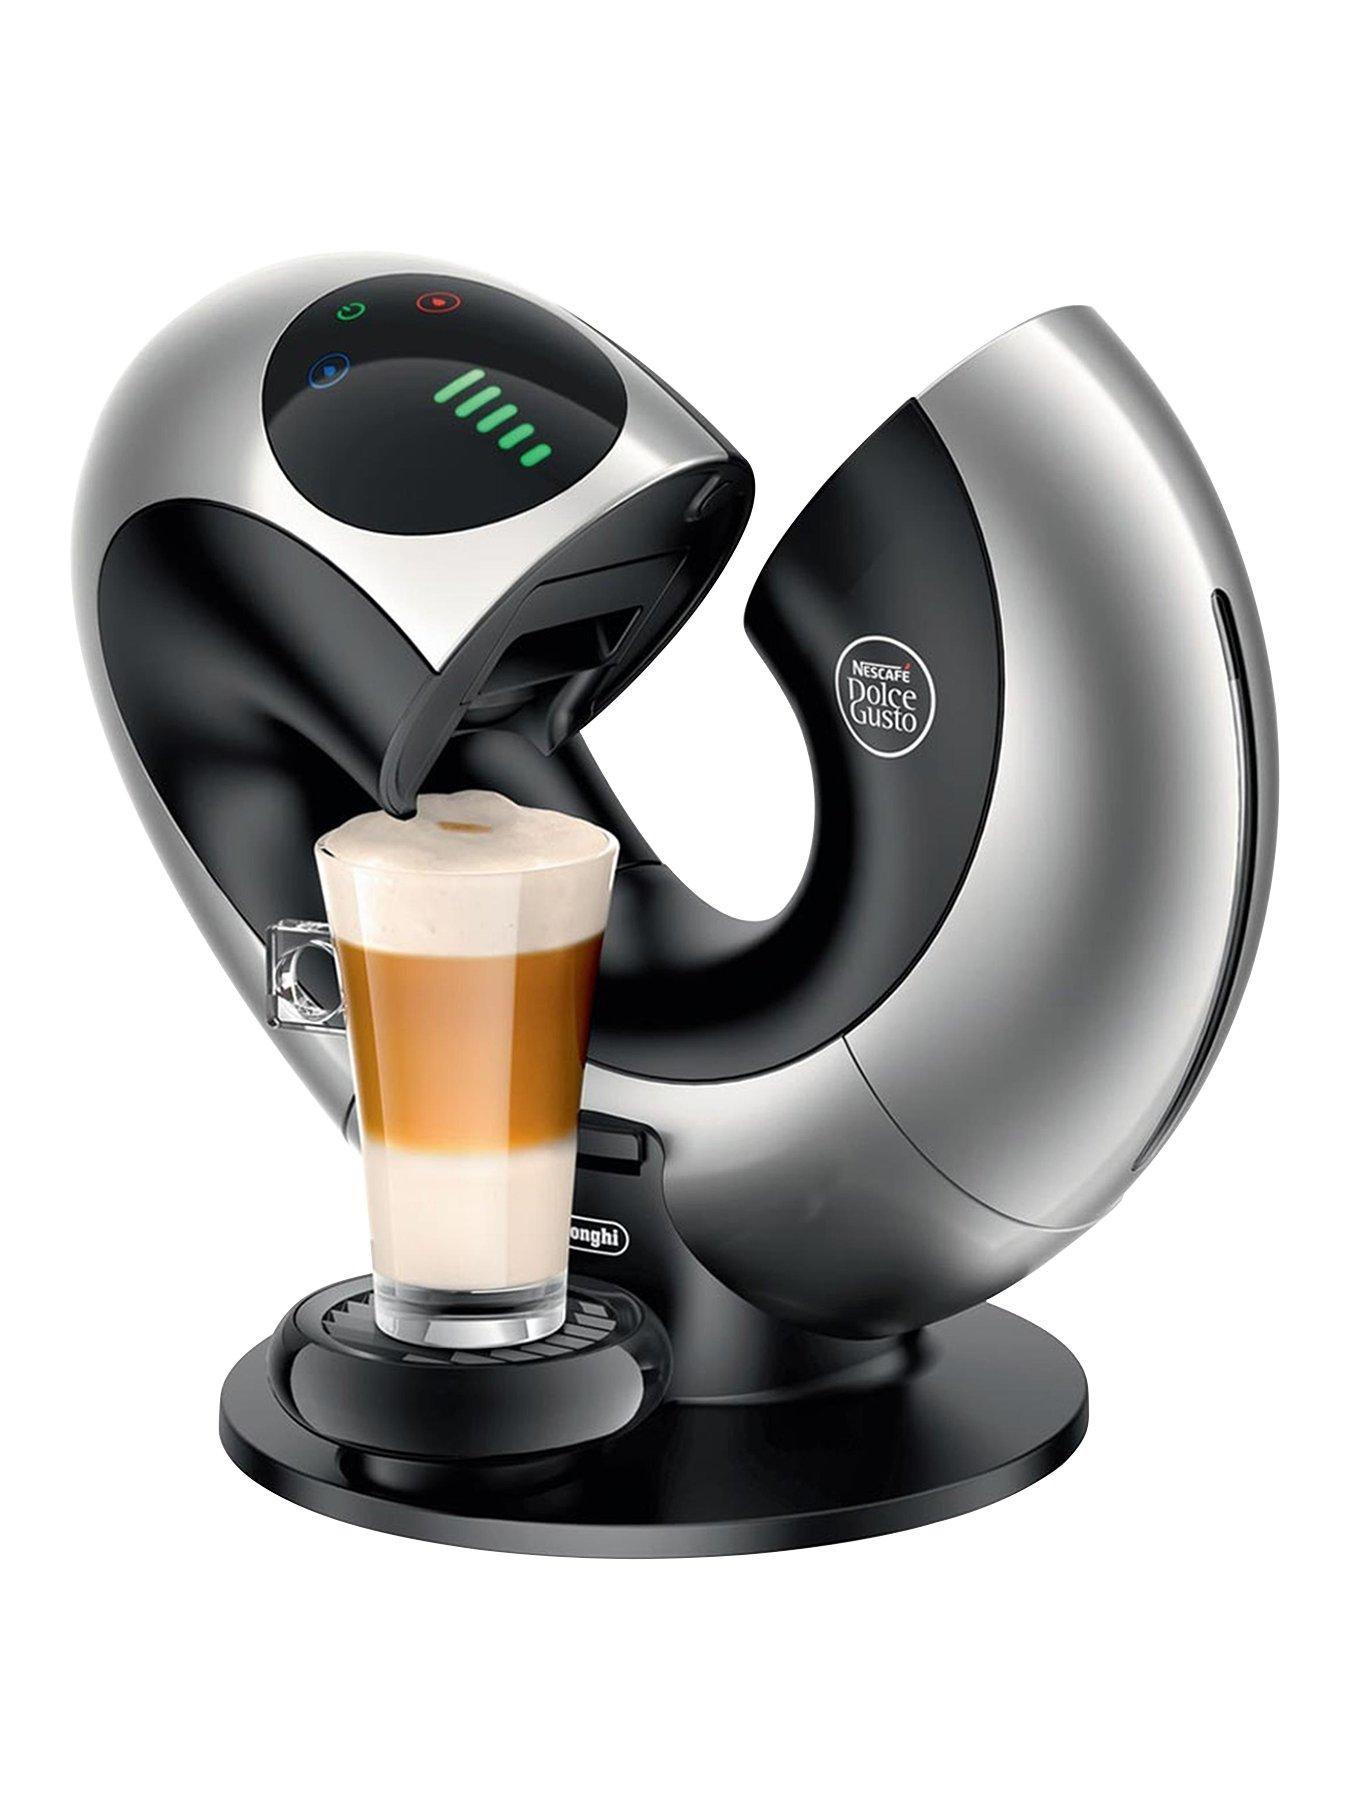 Nescafe Dolce Gusto Delonghi Edg736.S Eclipse Coffee